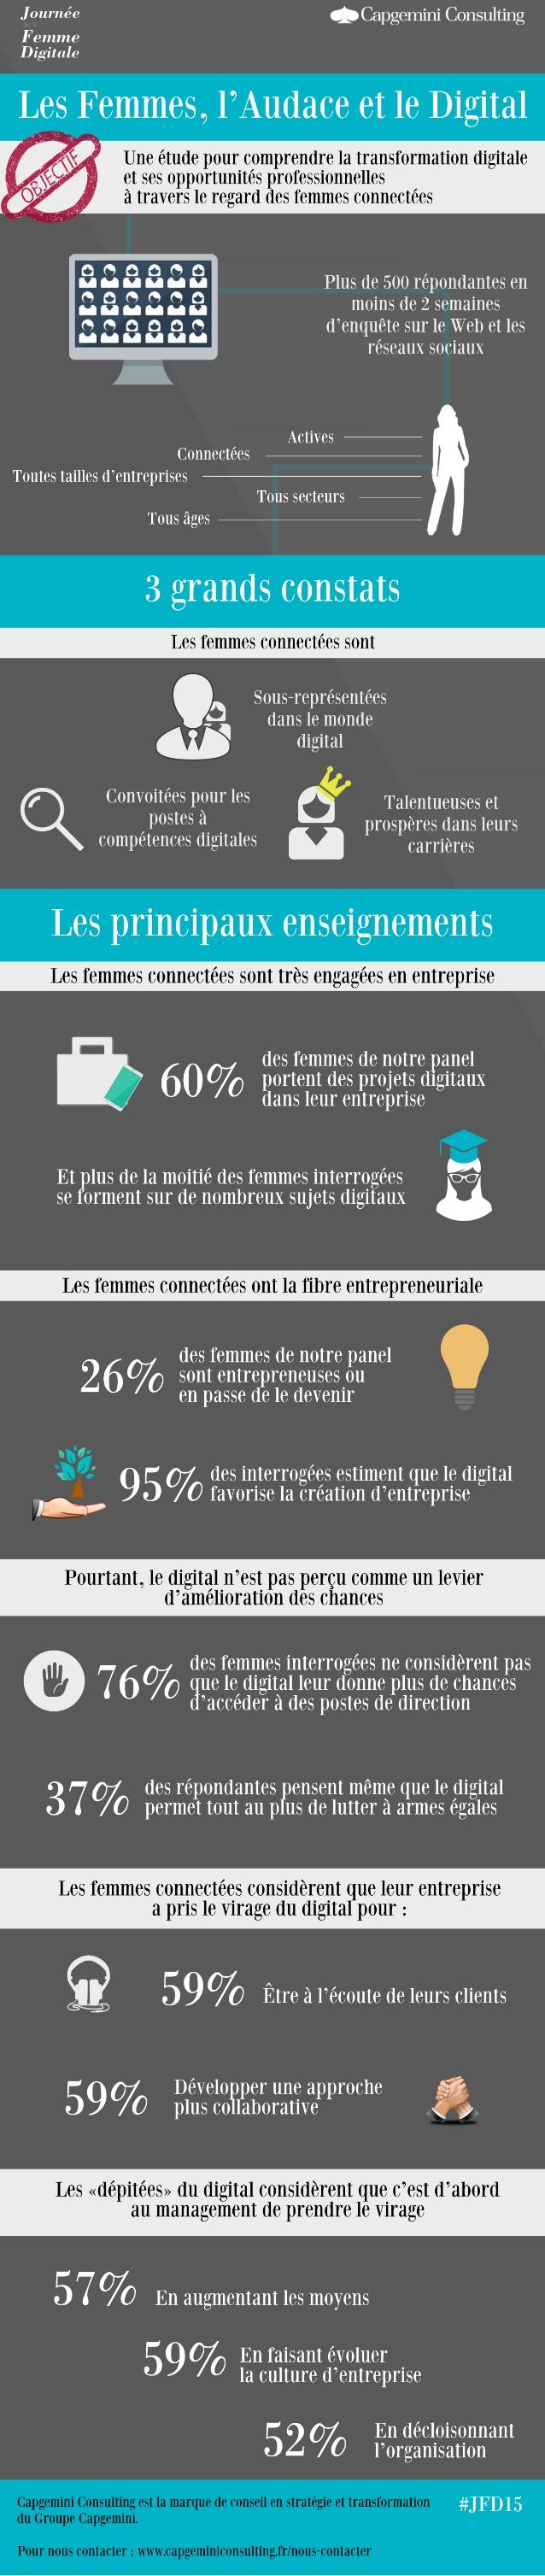 les-femmes-laudace-et-le-digital-une-tude-pour-comprendre-la-transformation-digitale-et-ses-opportunits-1-638